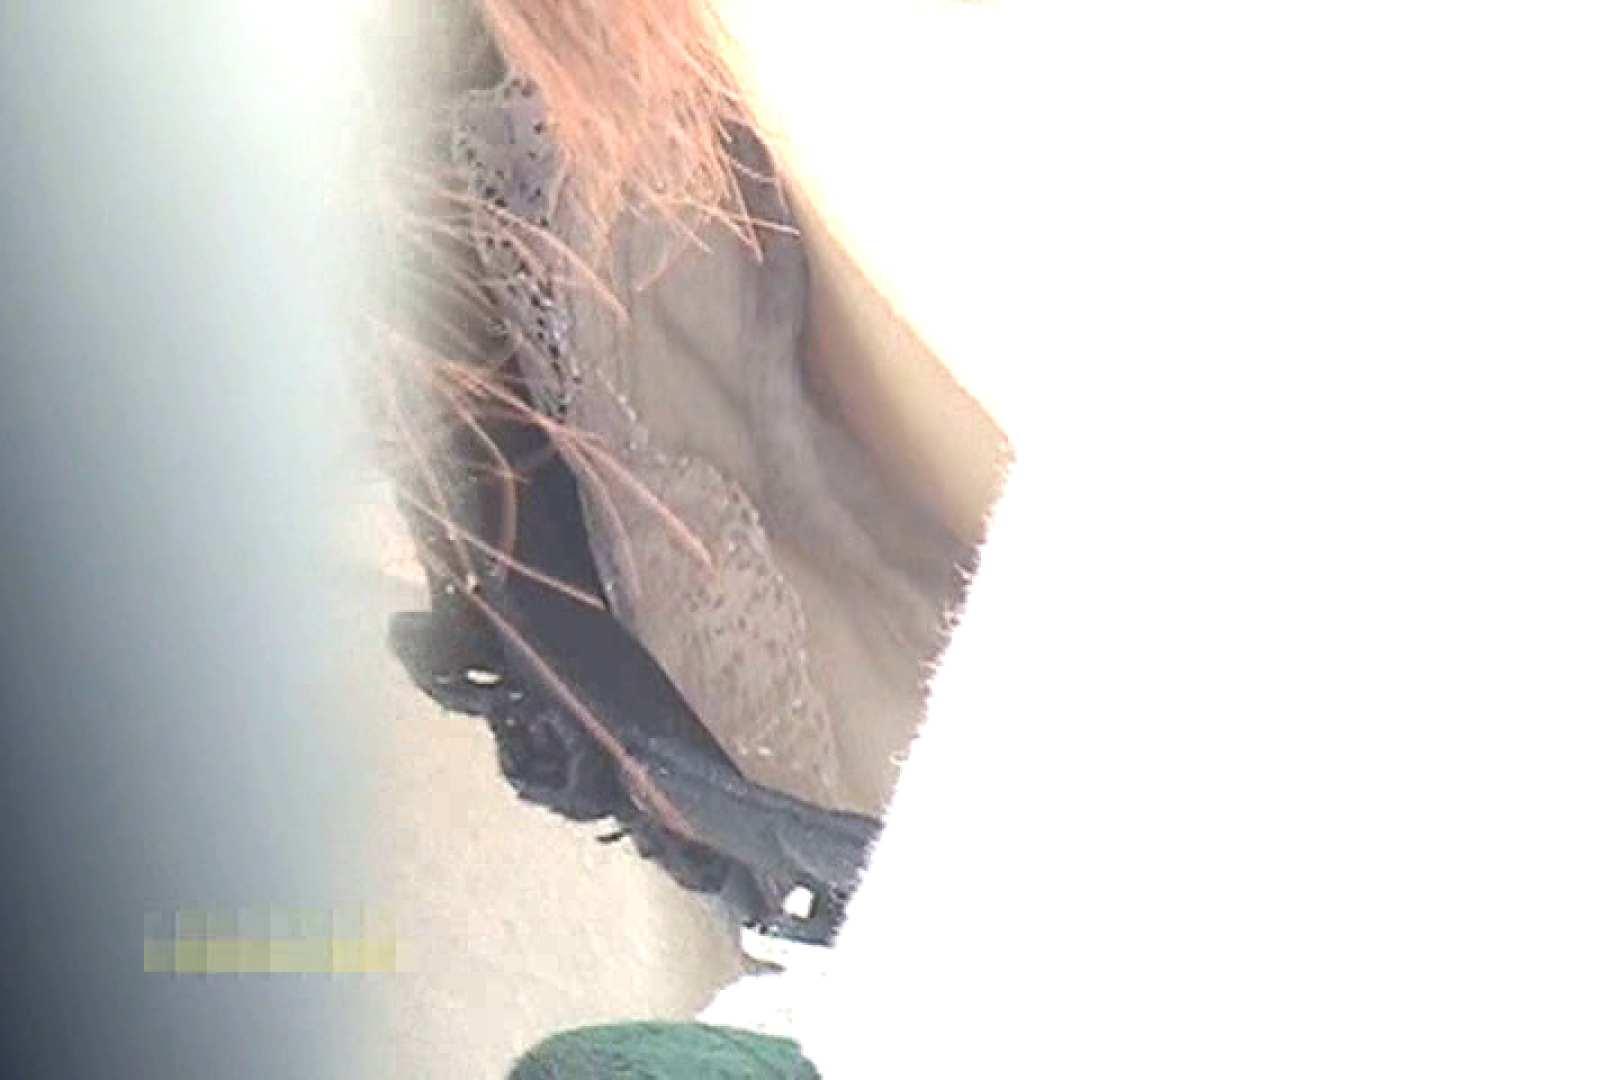 徘徊撮り!!街で出会った乳首たちVol.2 乳首 盗撮AV動画キャプチャ 49pic 33